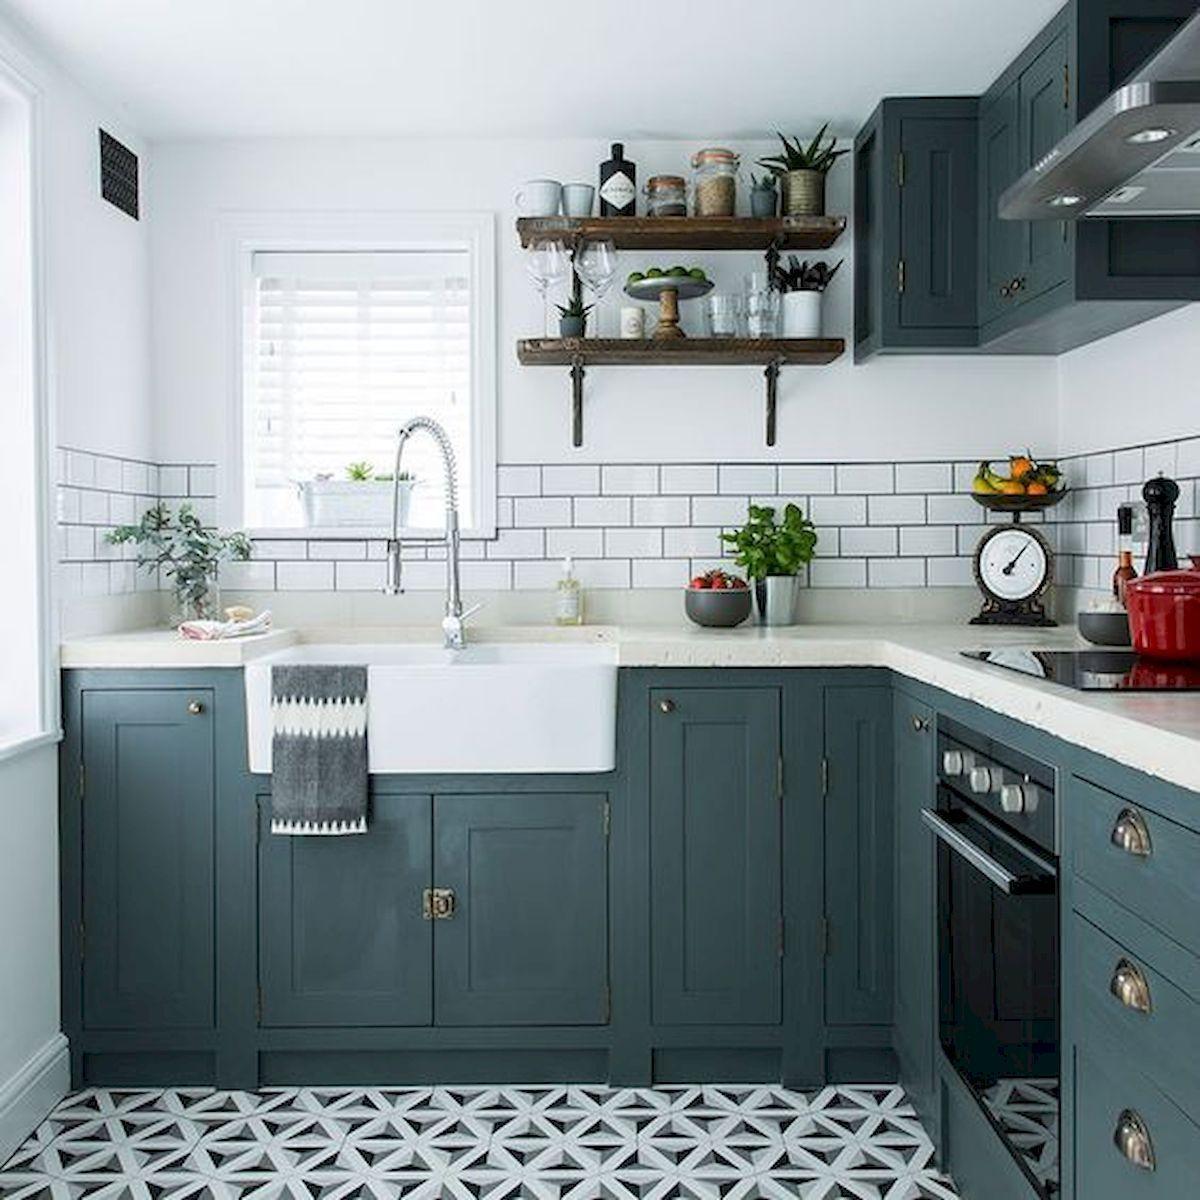 90 Suprising Small Kitchen Design Ideas And Decor 45 Worldecor Co Small House Kitchen Design Kitchen Design Small House Design Kitchen